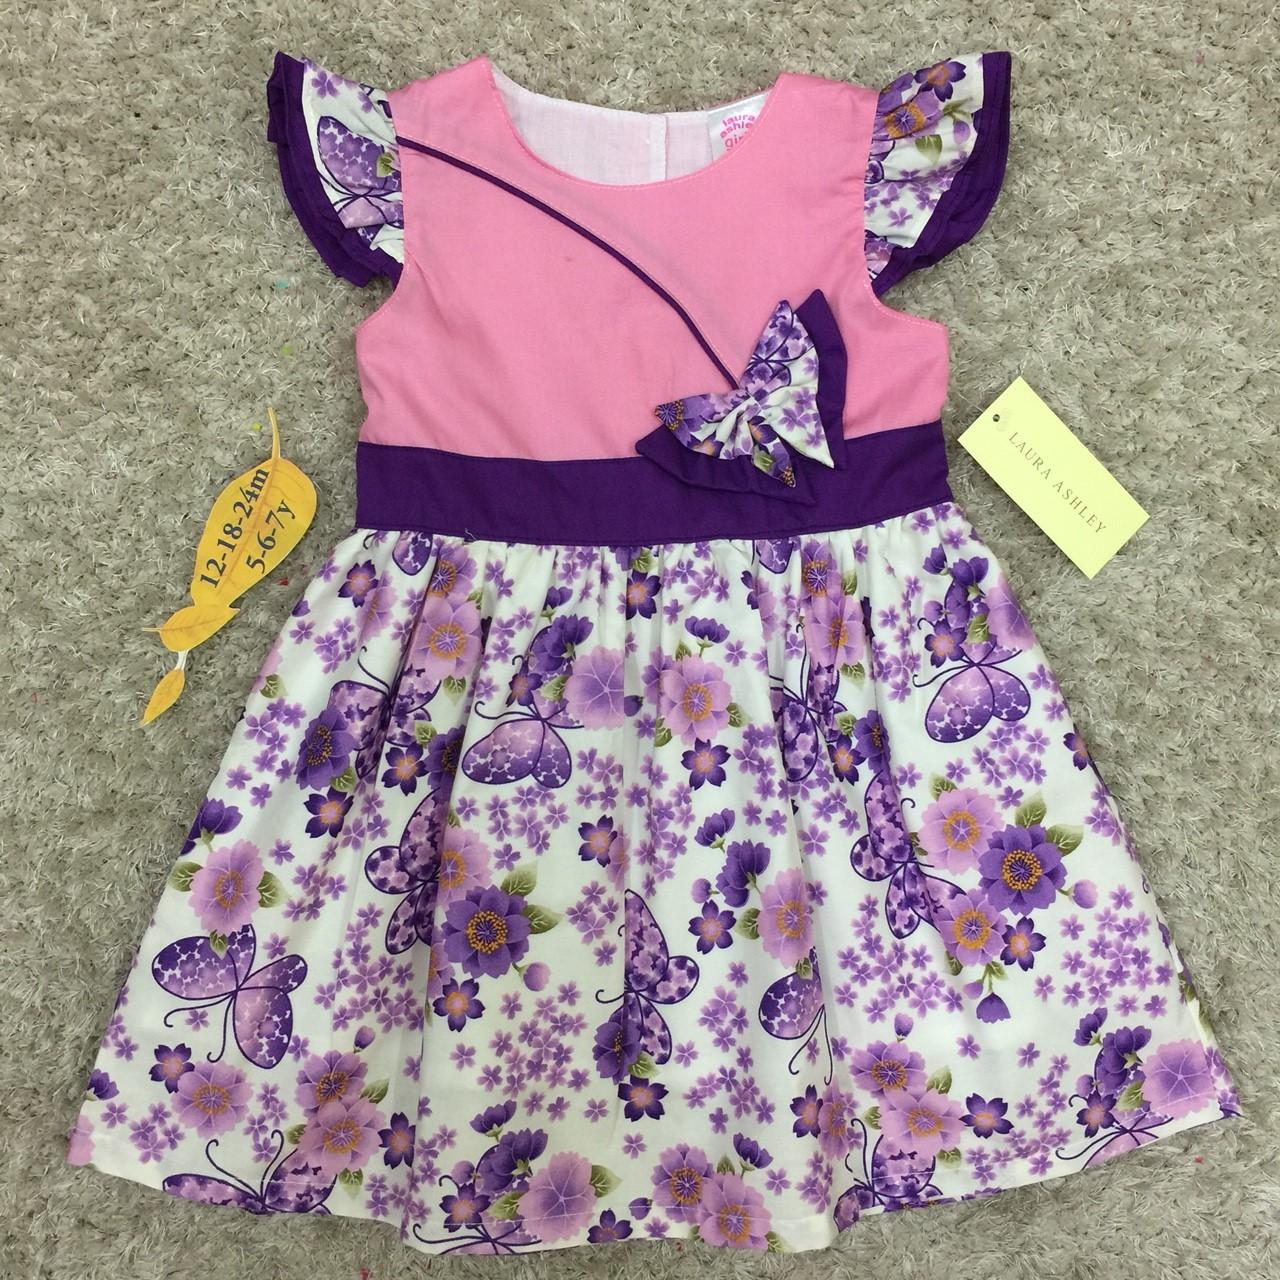 เสื้อผ้าเด็ก 5-7ปี size 5Y-6Y-7Y ลายดอกไม้ แต่งผีเสื้อ สีชมพู/ม่วง